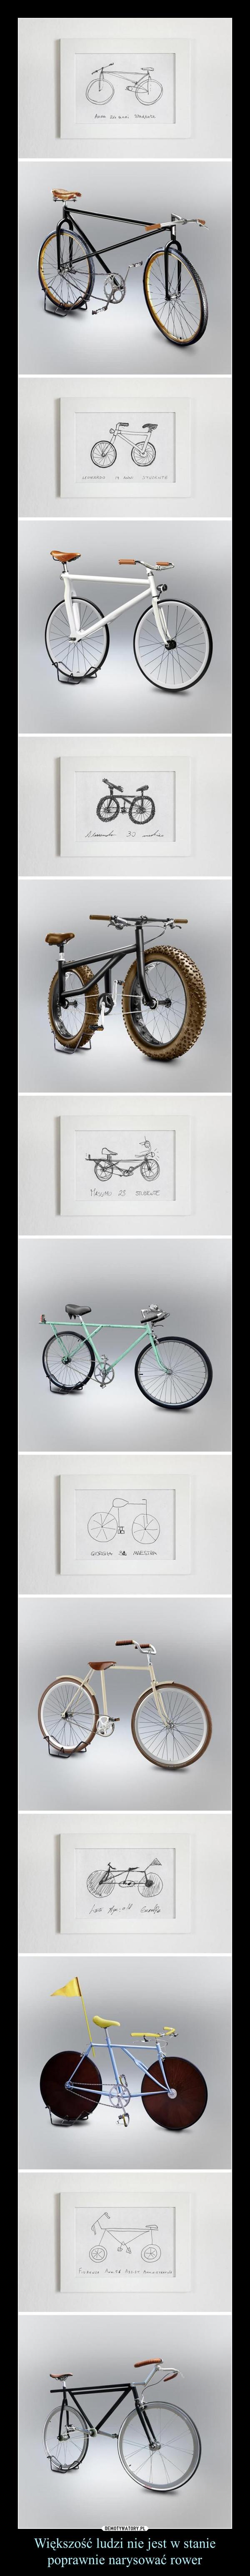 Większość ludzi nie jest w stanie poprawnie narysować rower –